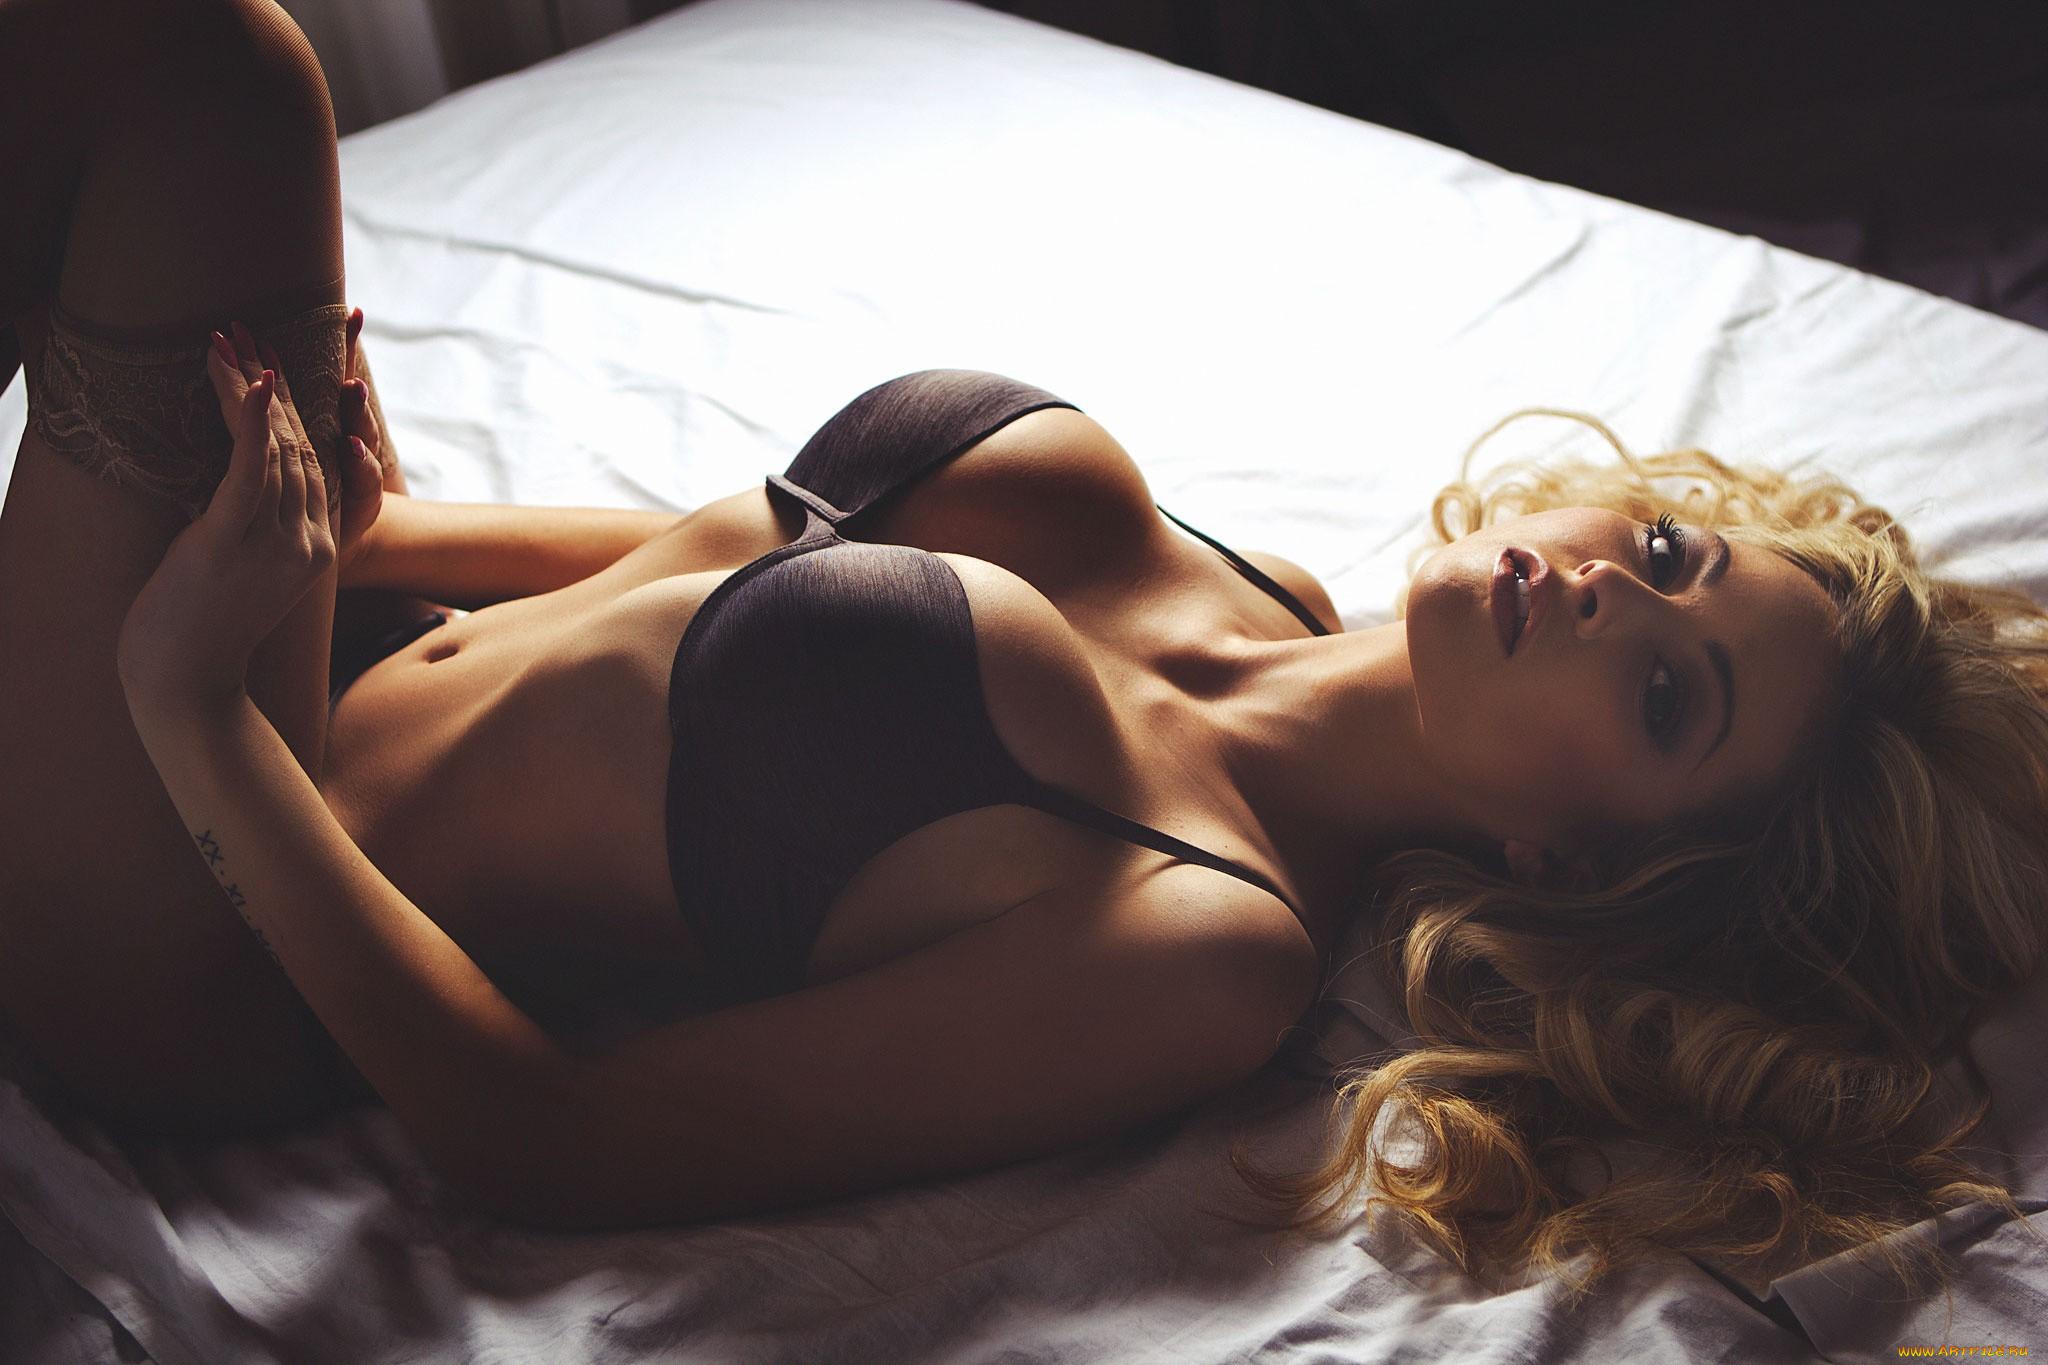 Возбуждающие фото блондинок